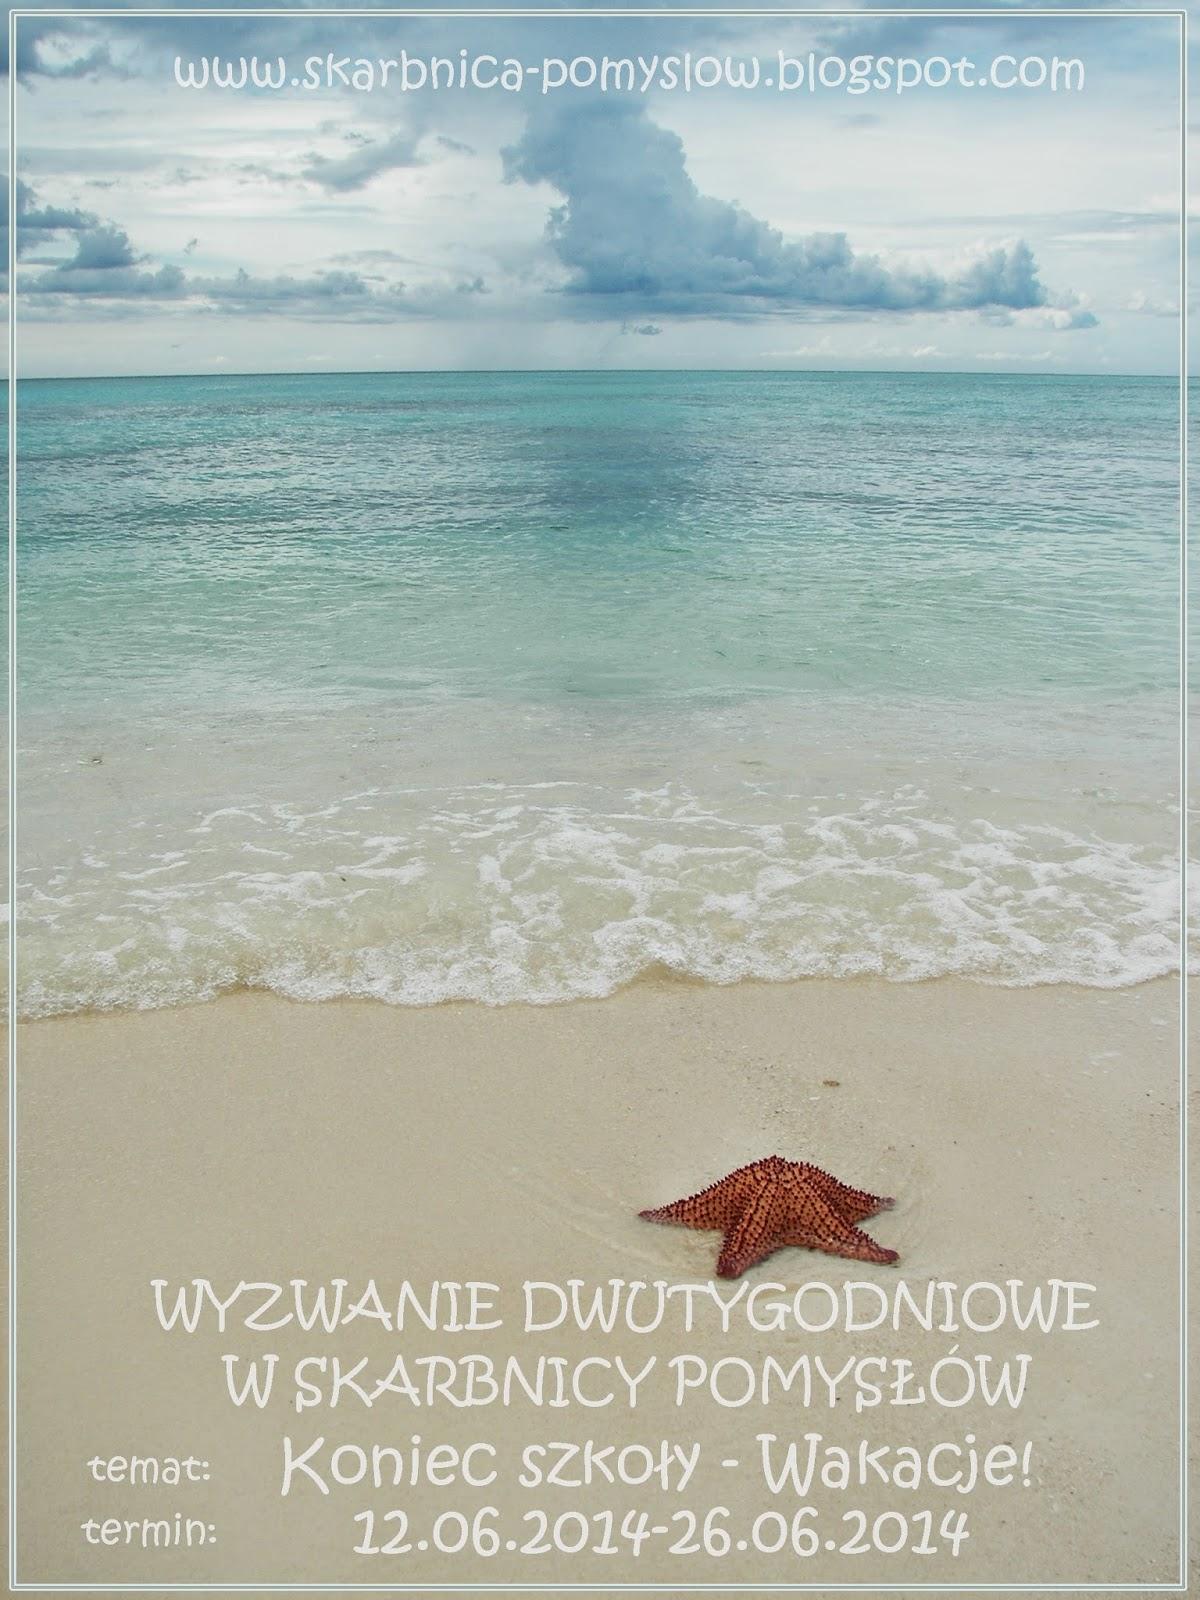 http://skarbnica-pomyslow.blogspot.com/2014/06/wyzwanie-koniec-szkoy-wakacje.html